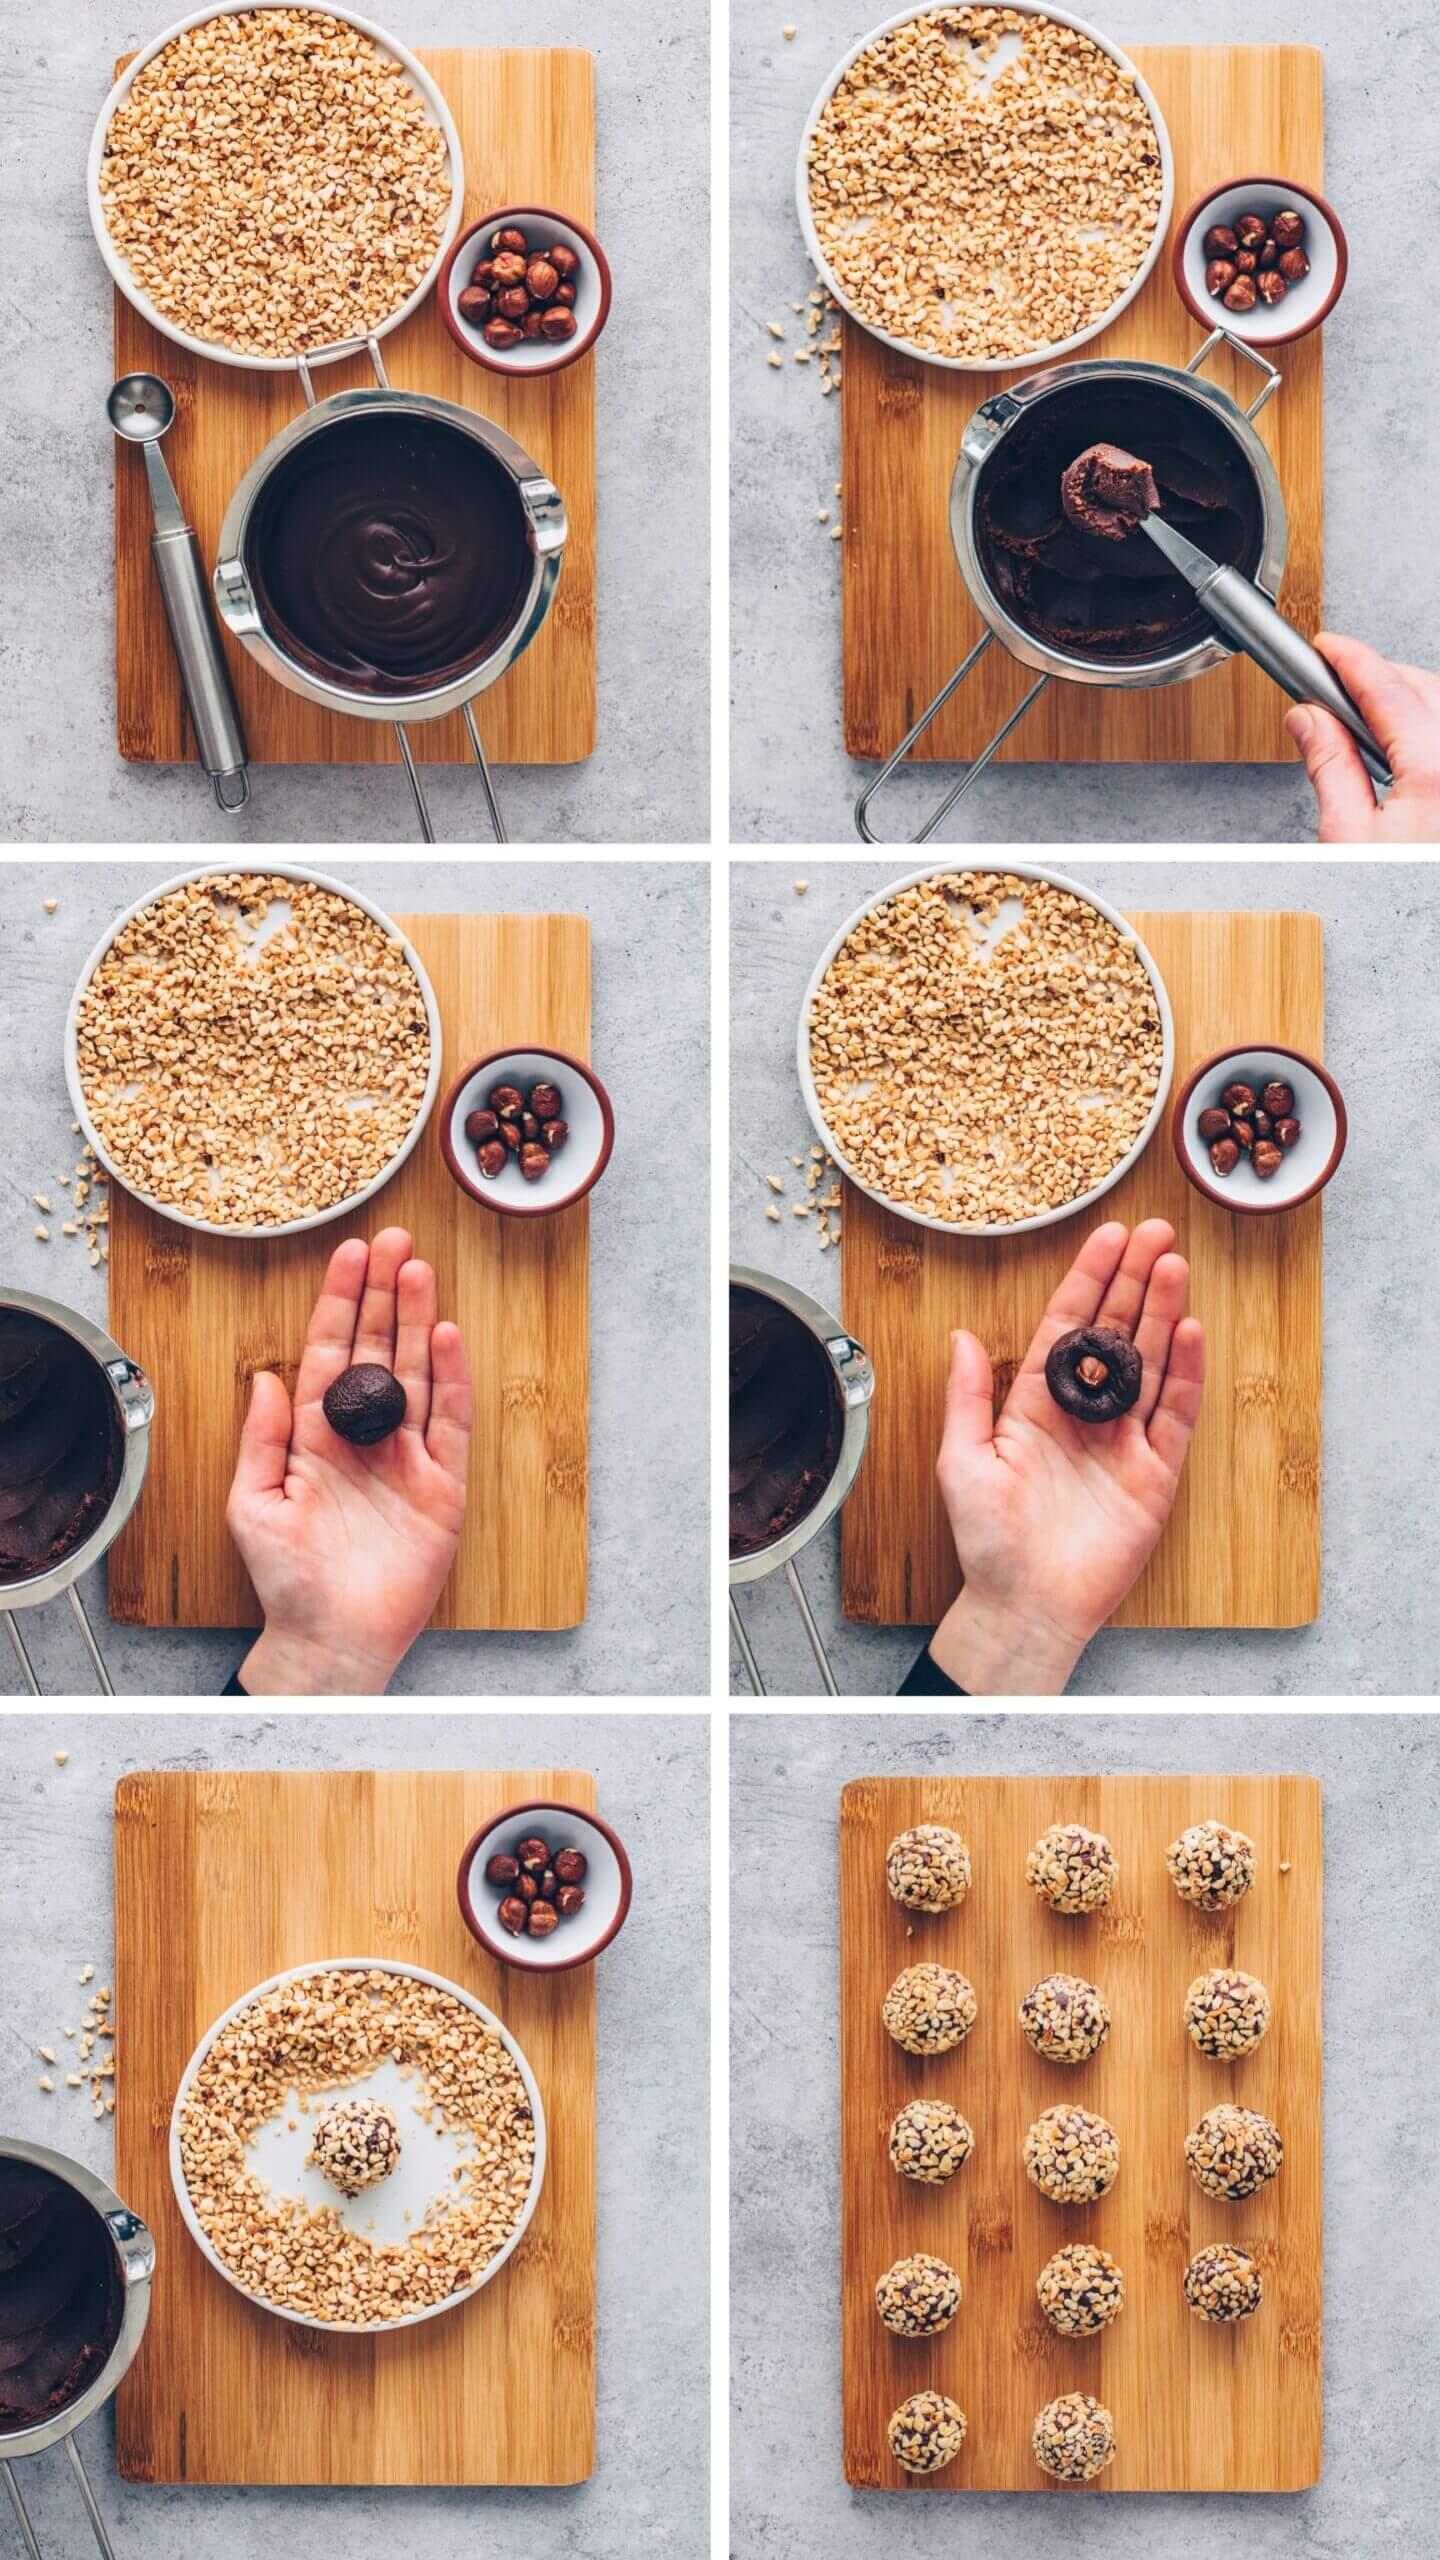 Ferrero Rocher selber machen (Schritt-für-Schritt Anleitung)